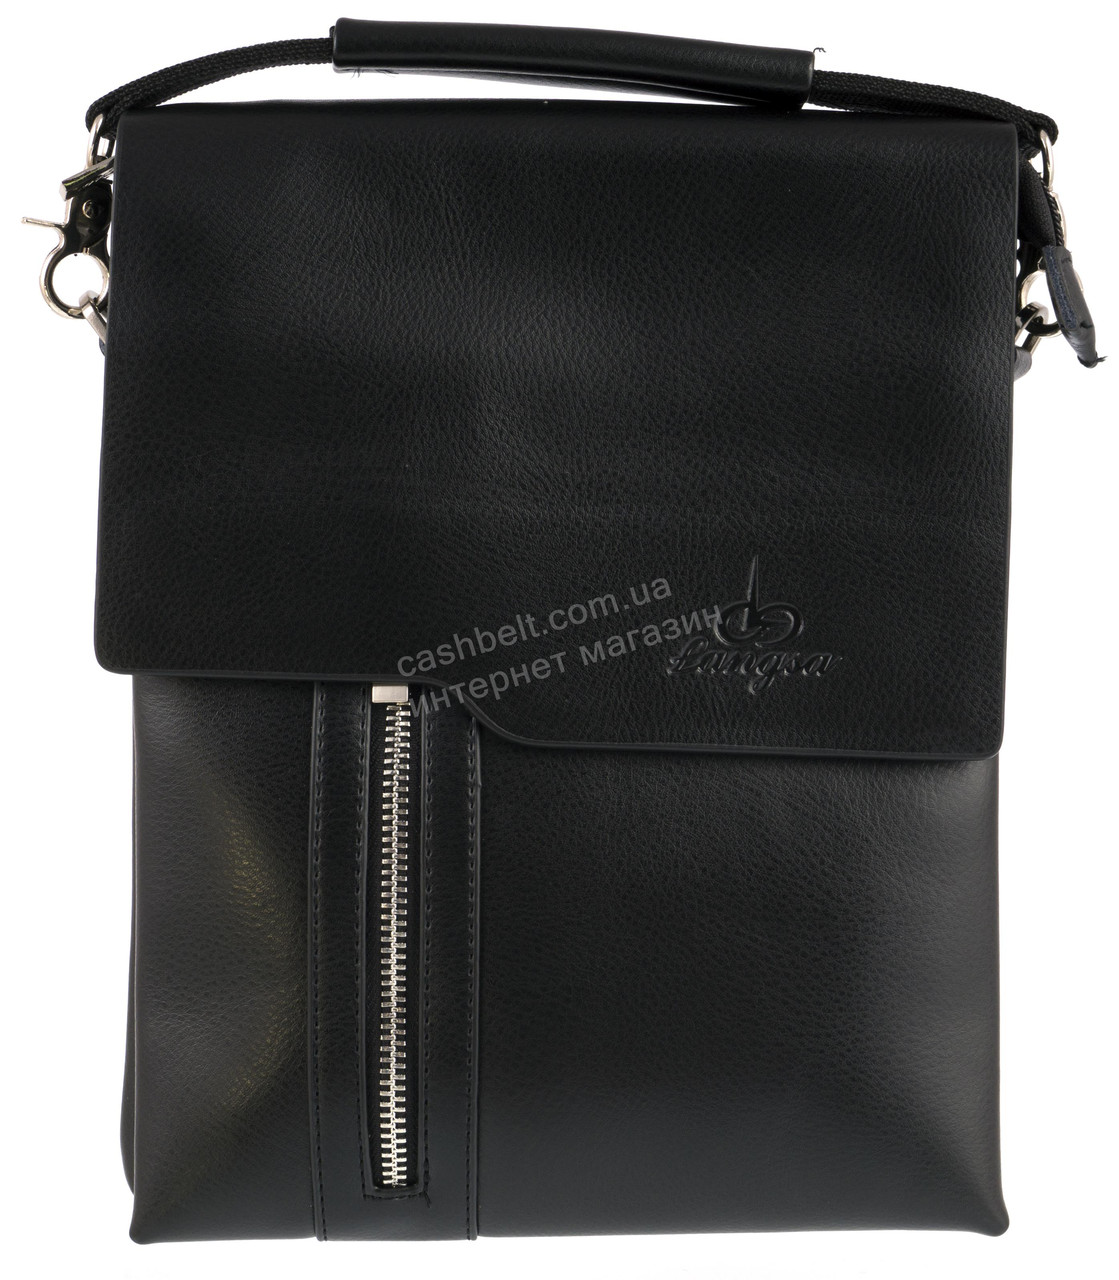 Удобная черная прочная мужская сумка с качественной PU кожи LANGSA art. TP6755-3 черная